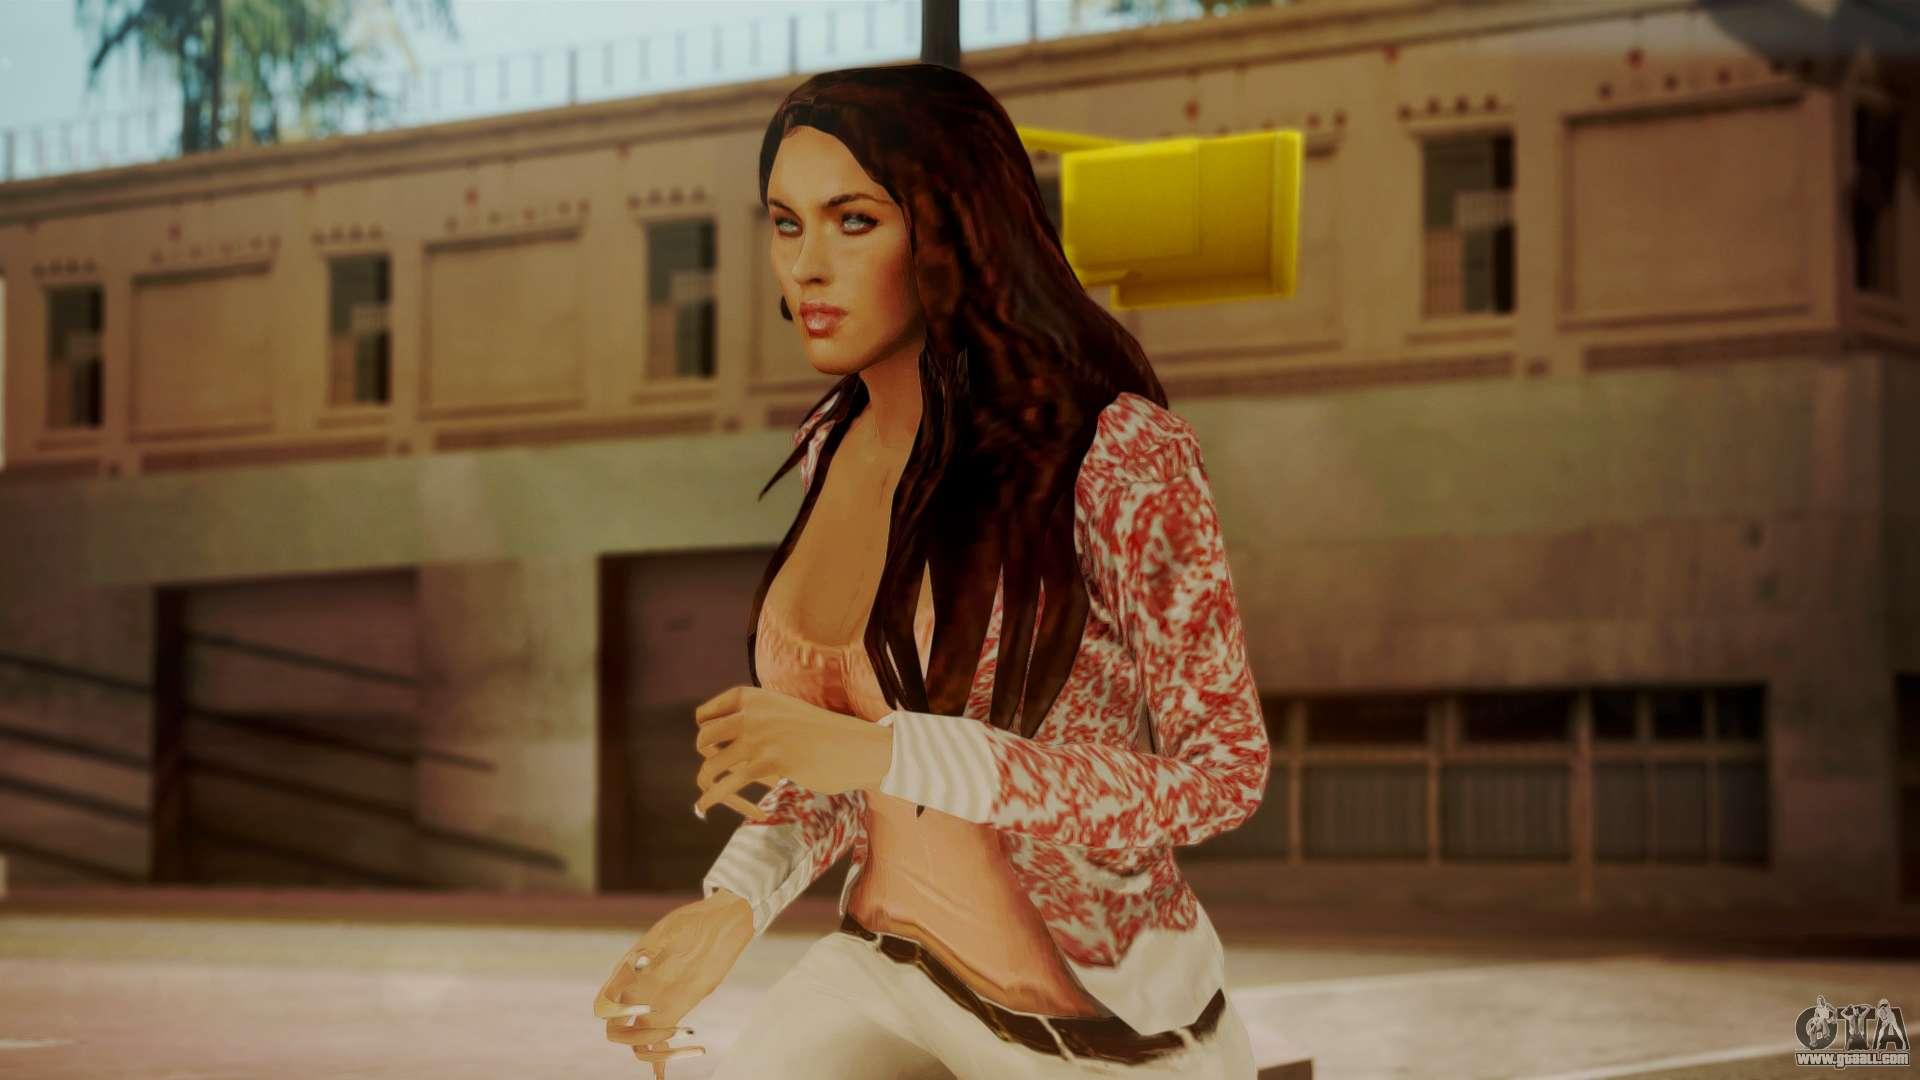 Hd Wallpaper Zip Pack Free Download Megan Fox For Gta San Andreas